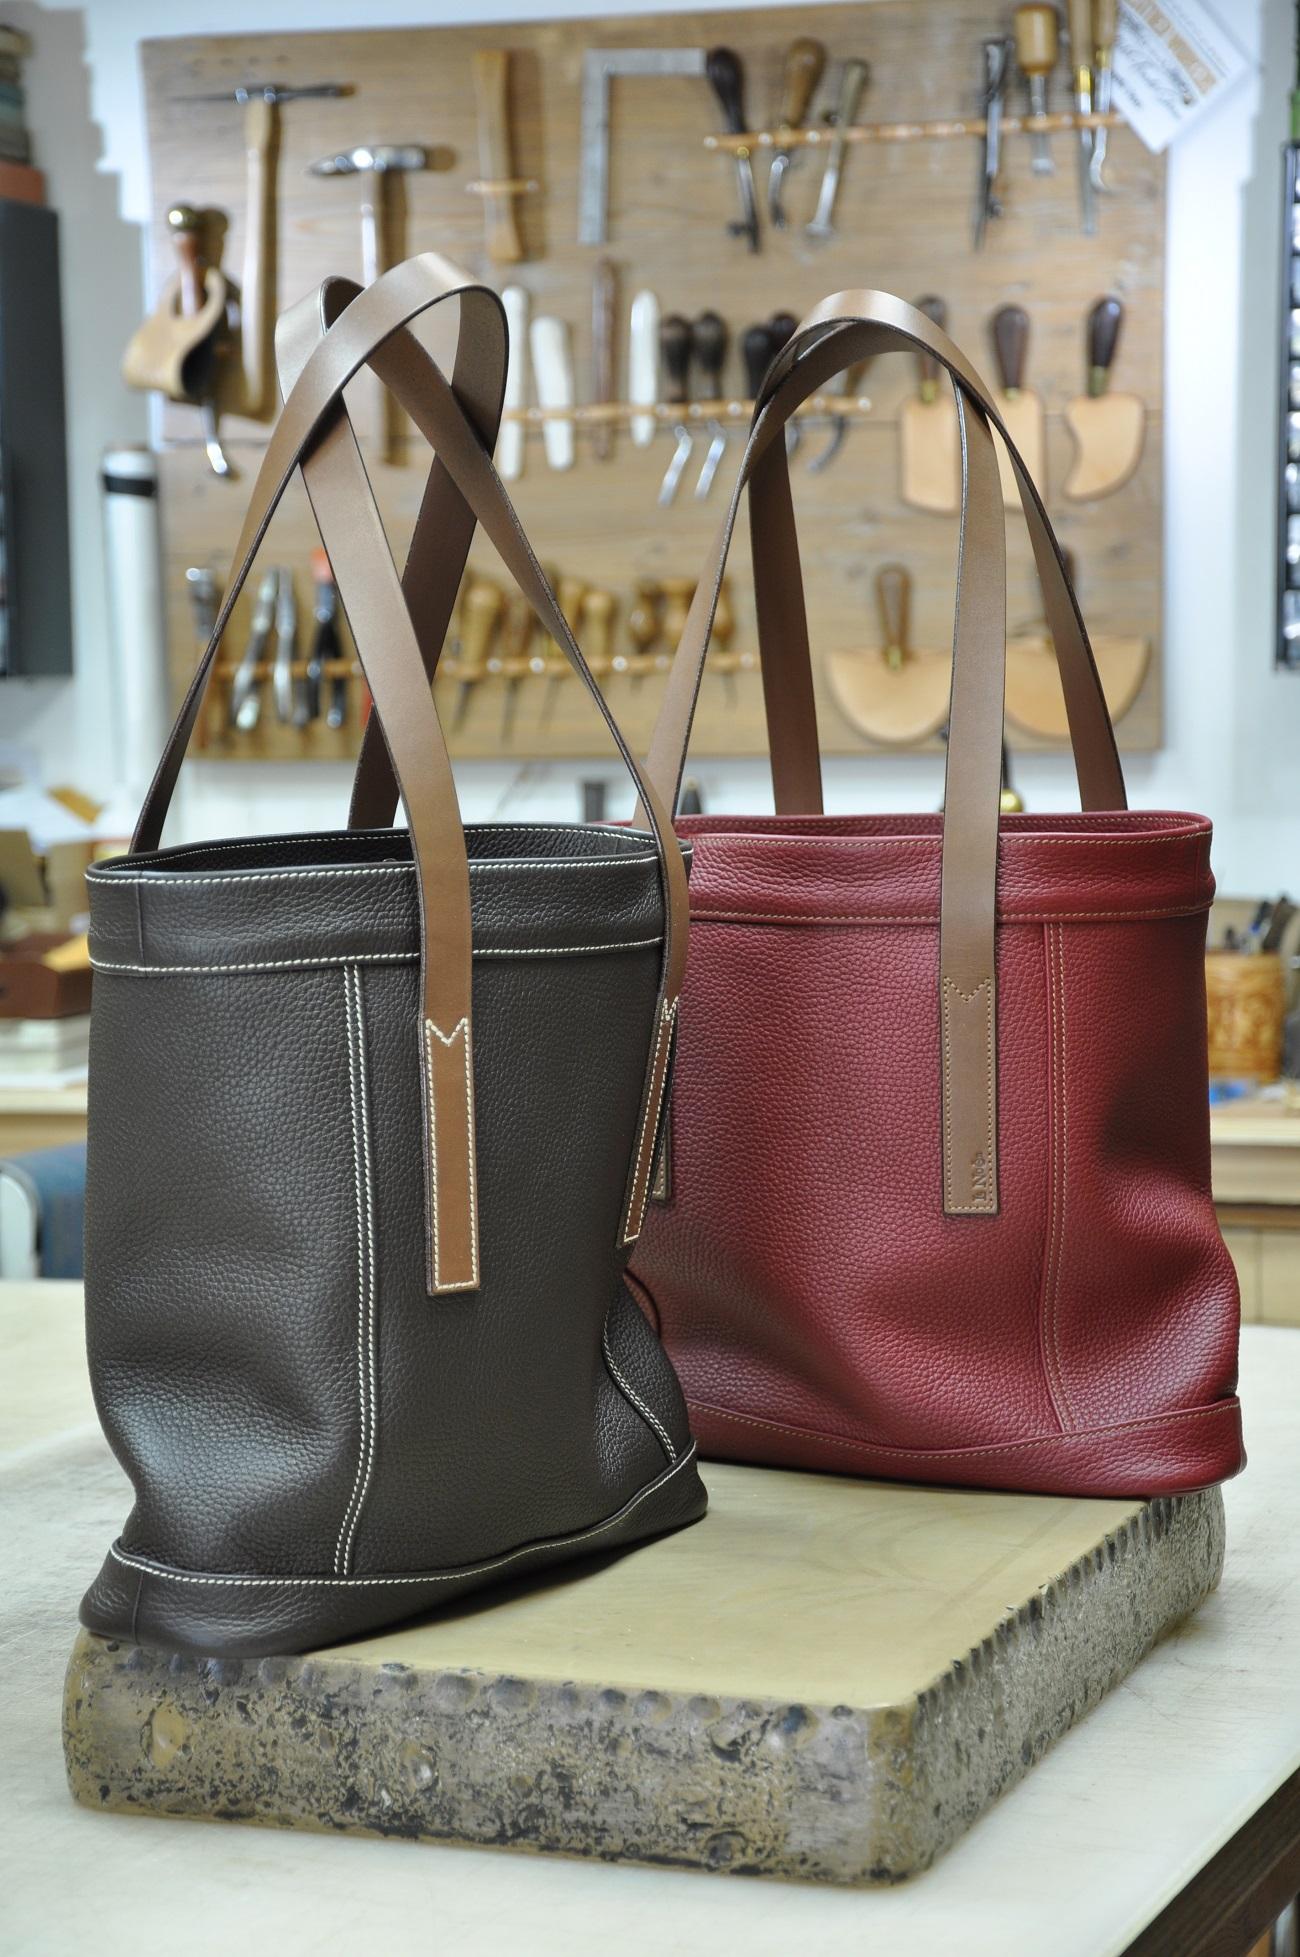 Sacs femmes sur-mesure en cuirs. Création originale et fabrication française par LE NOËN maroquiniers de luxe.